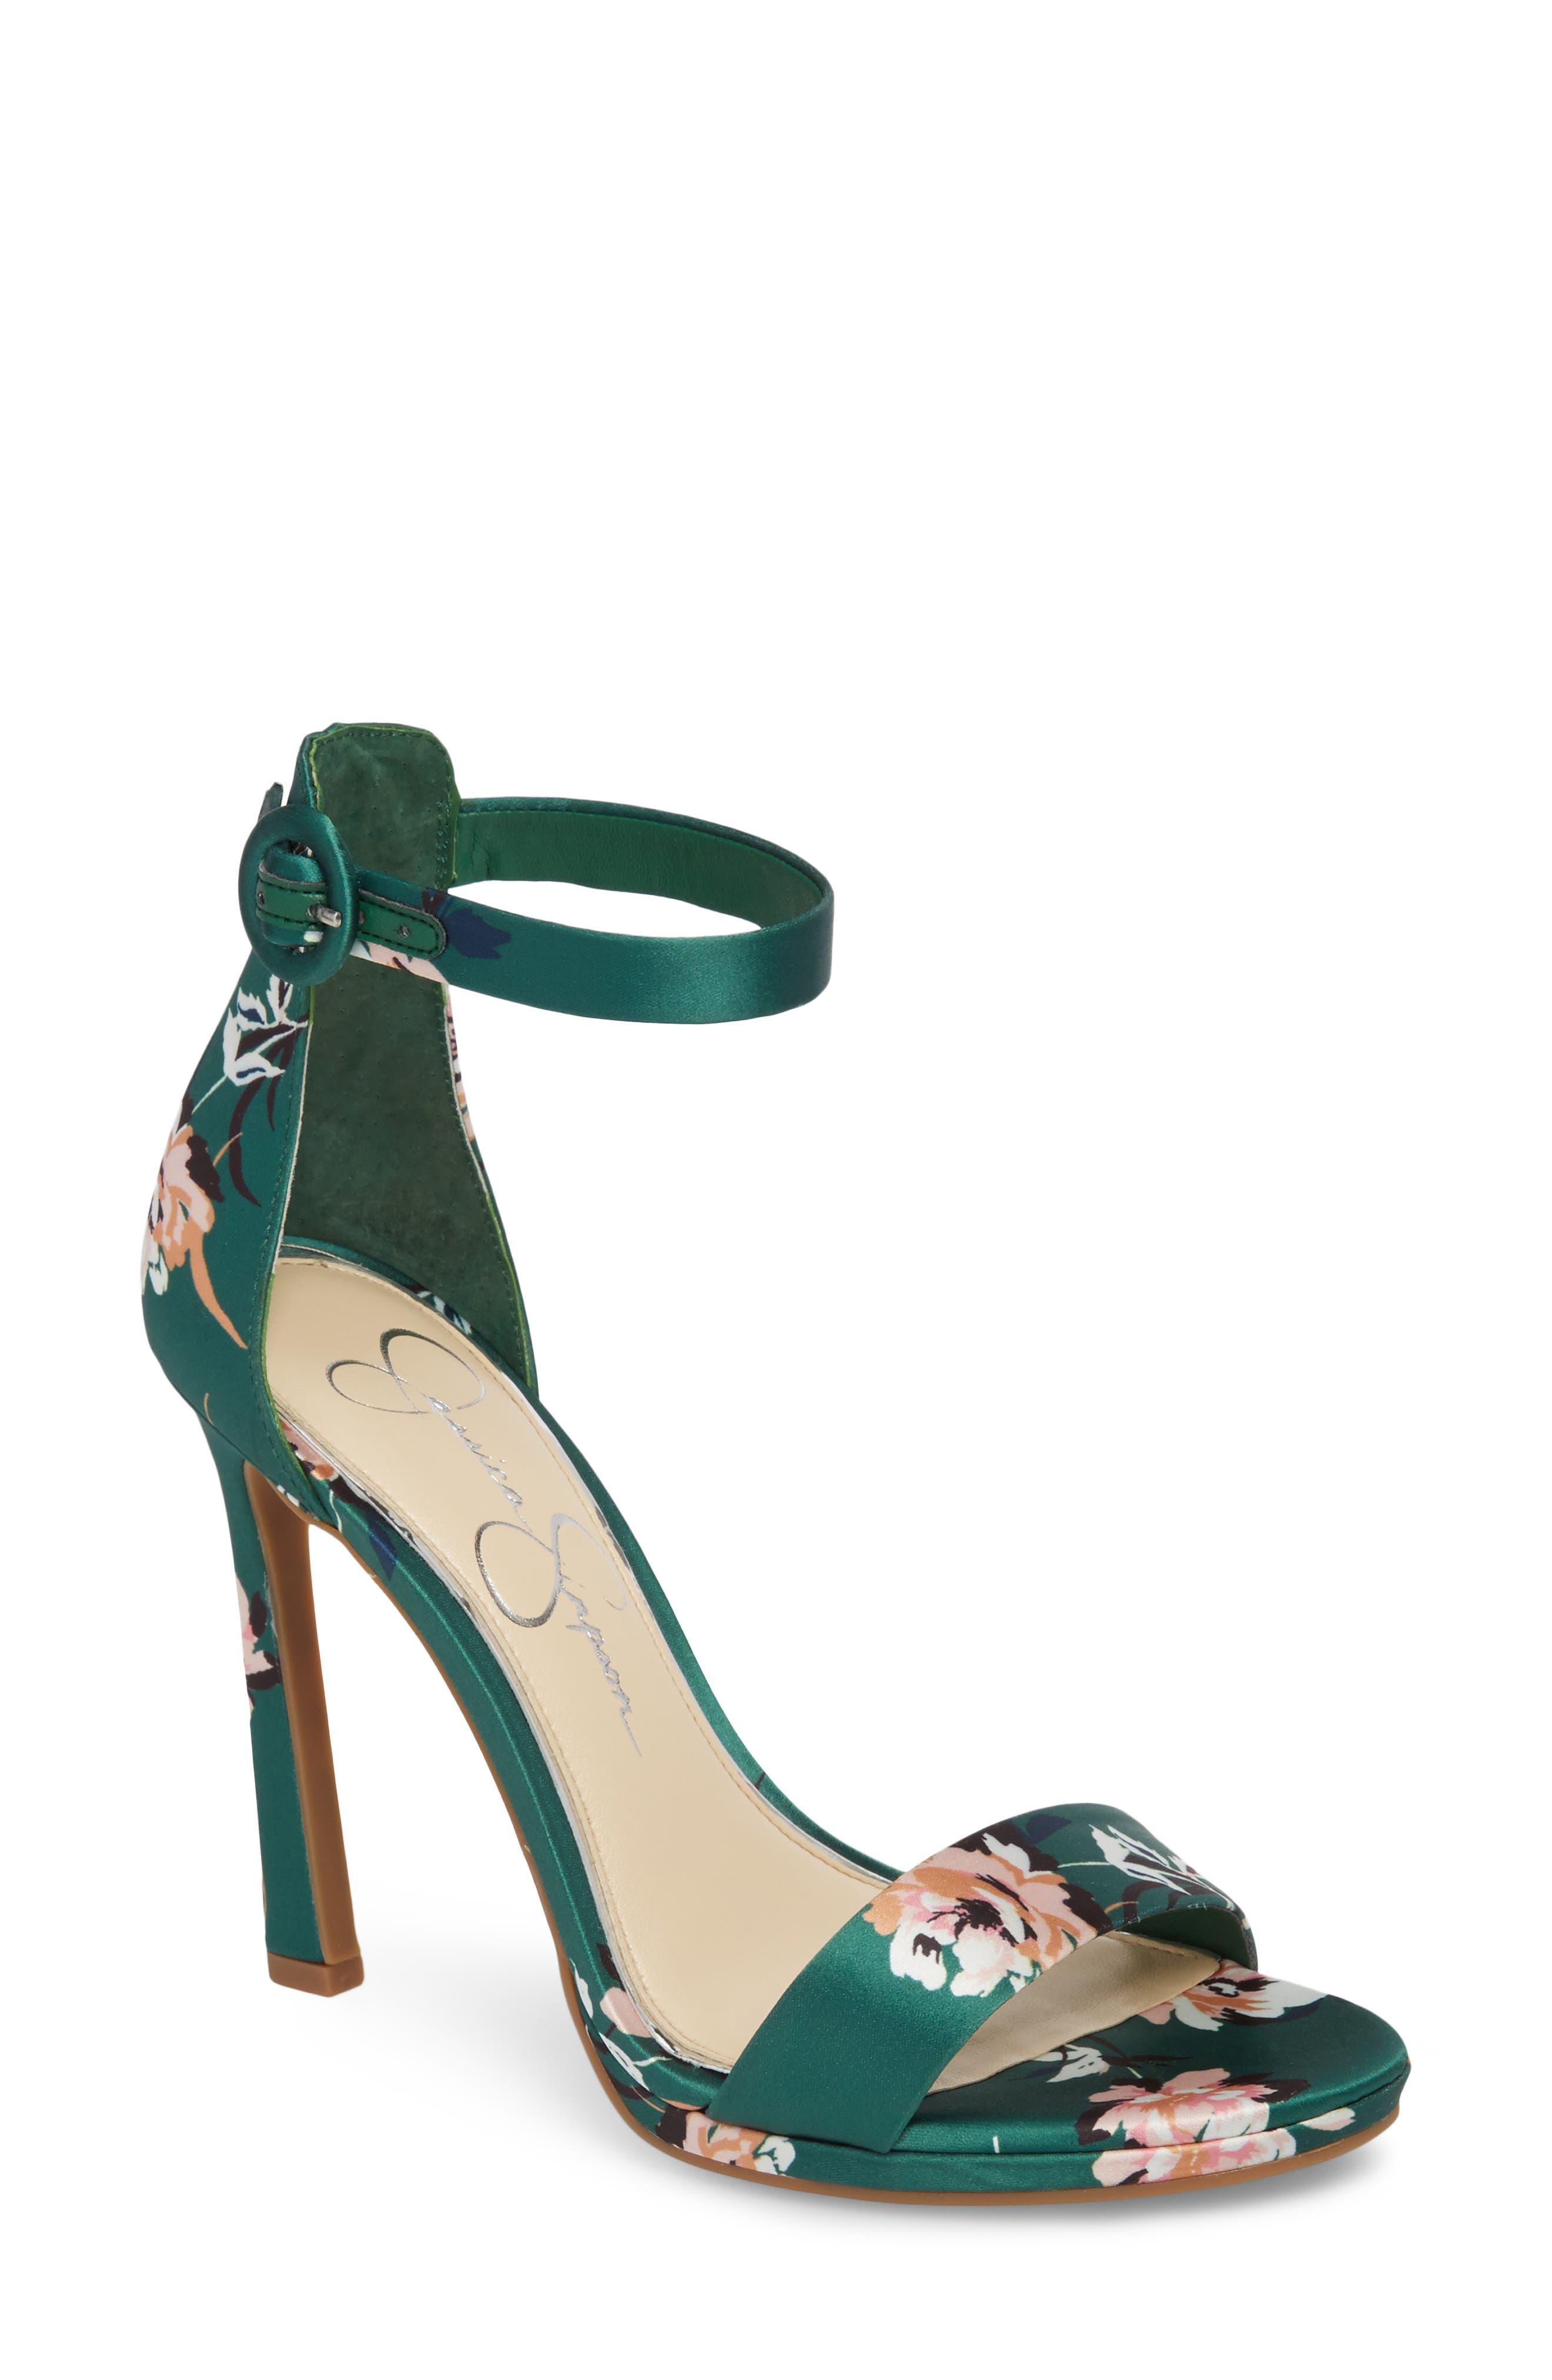 Plemy Sandal,                             Main thumbnail 1, color,                             Emerald